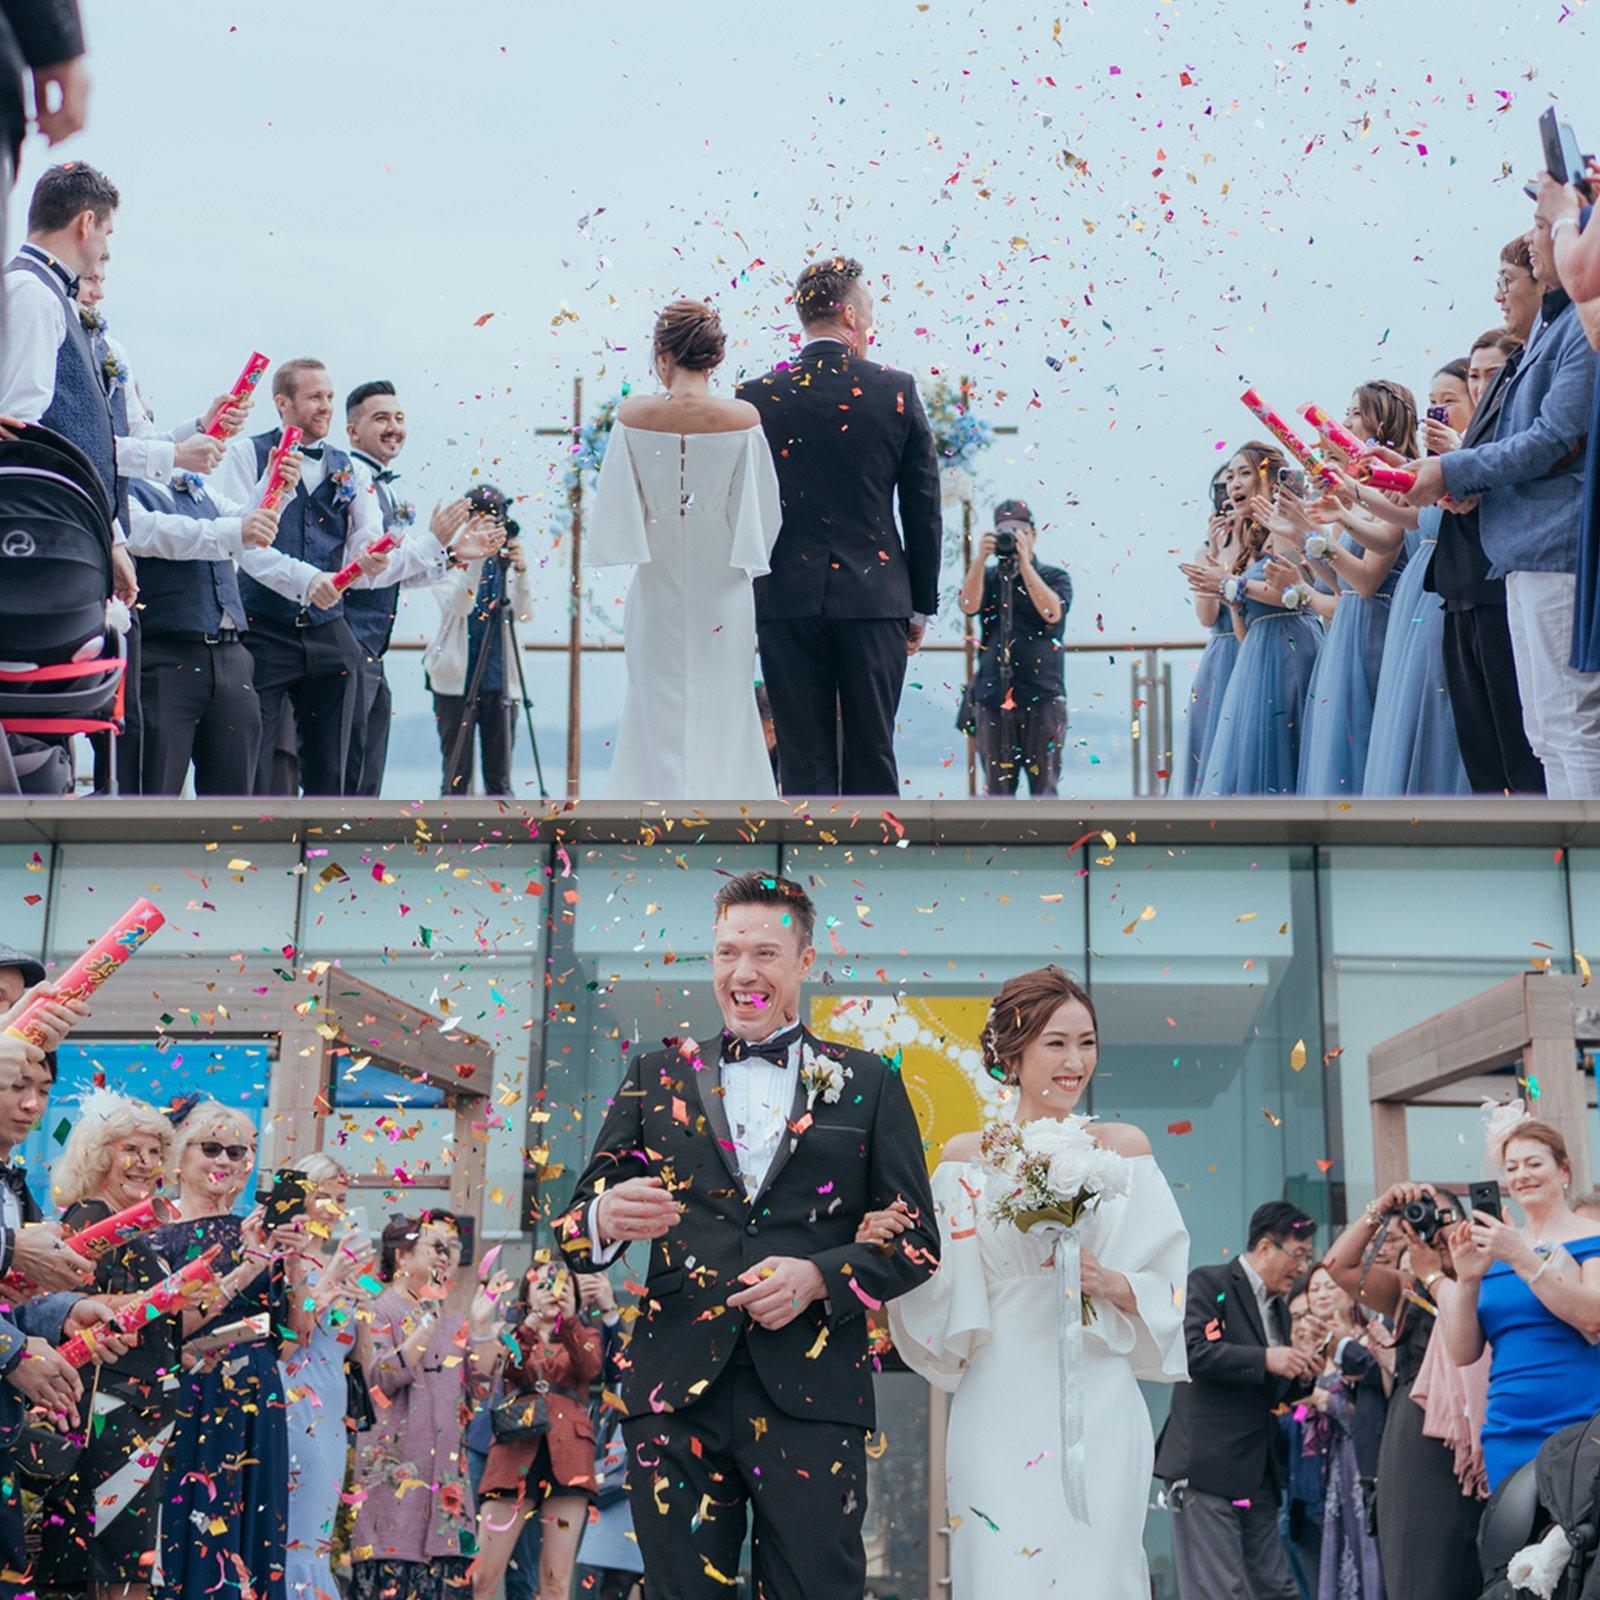 婚禮的瞬間,變得精彩豐富